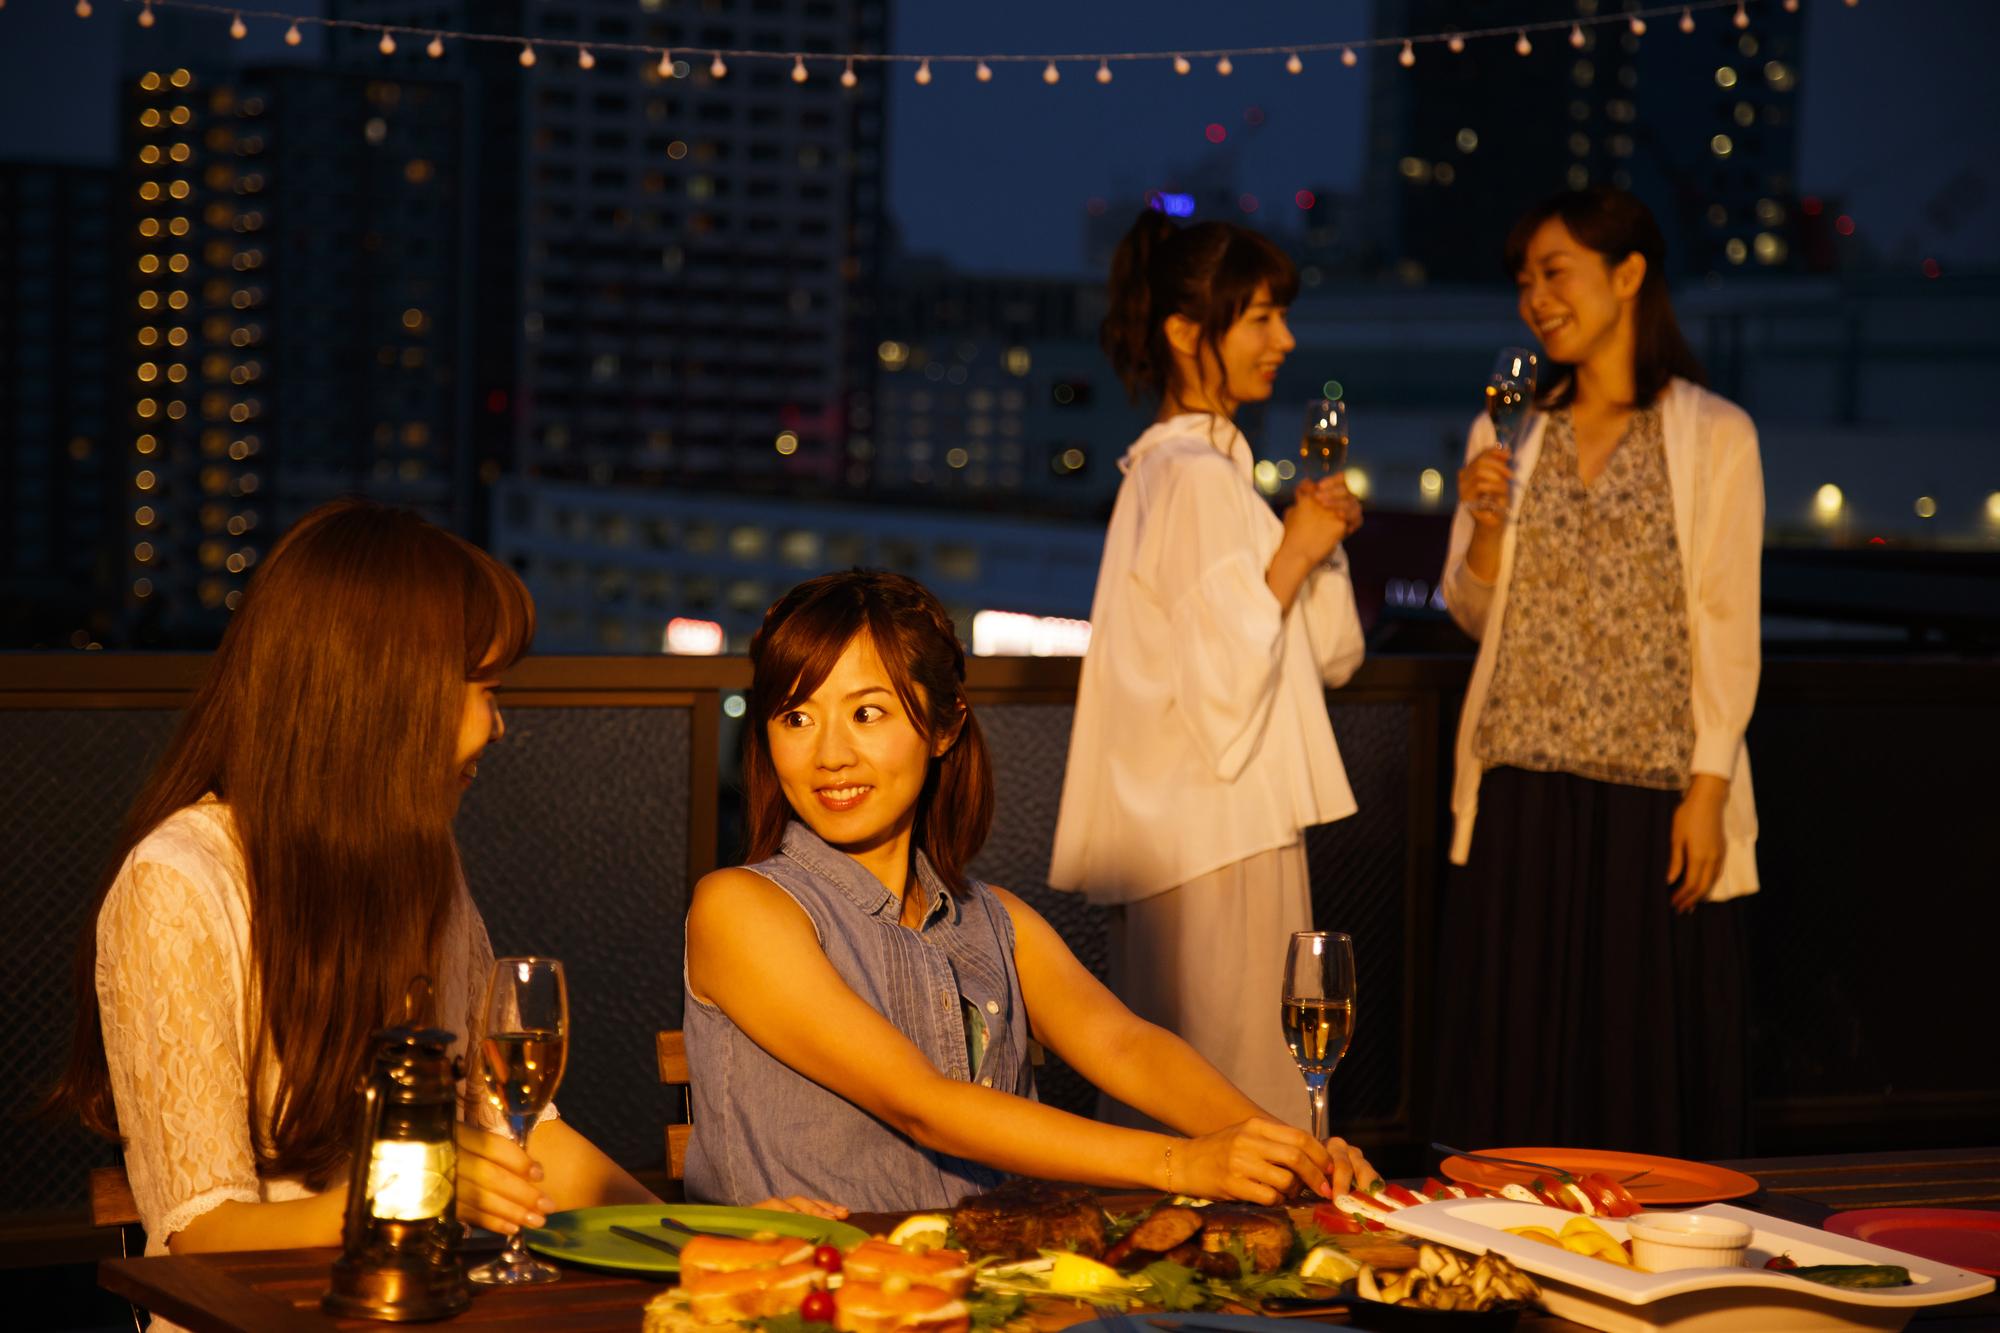 料理やお酒を楽しみながら談笑